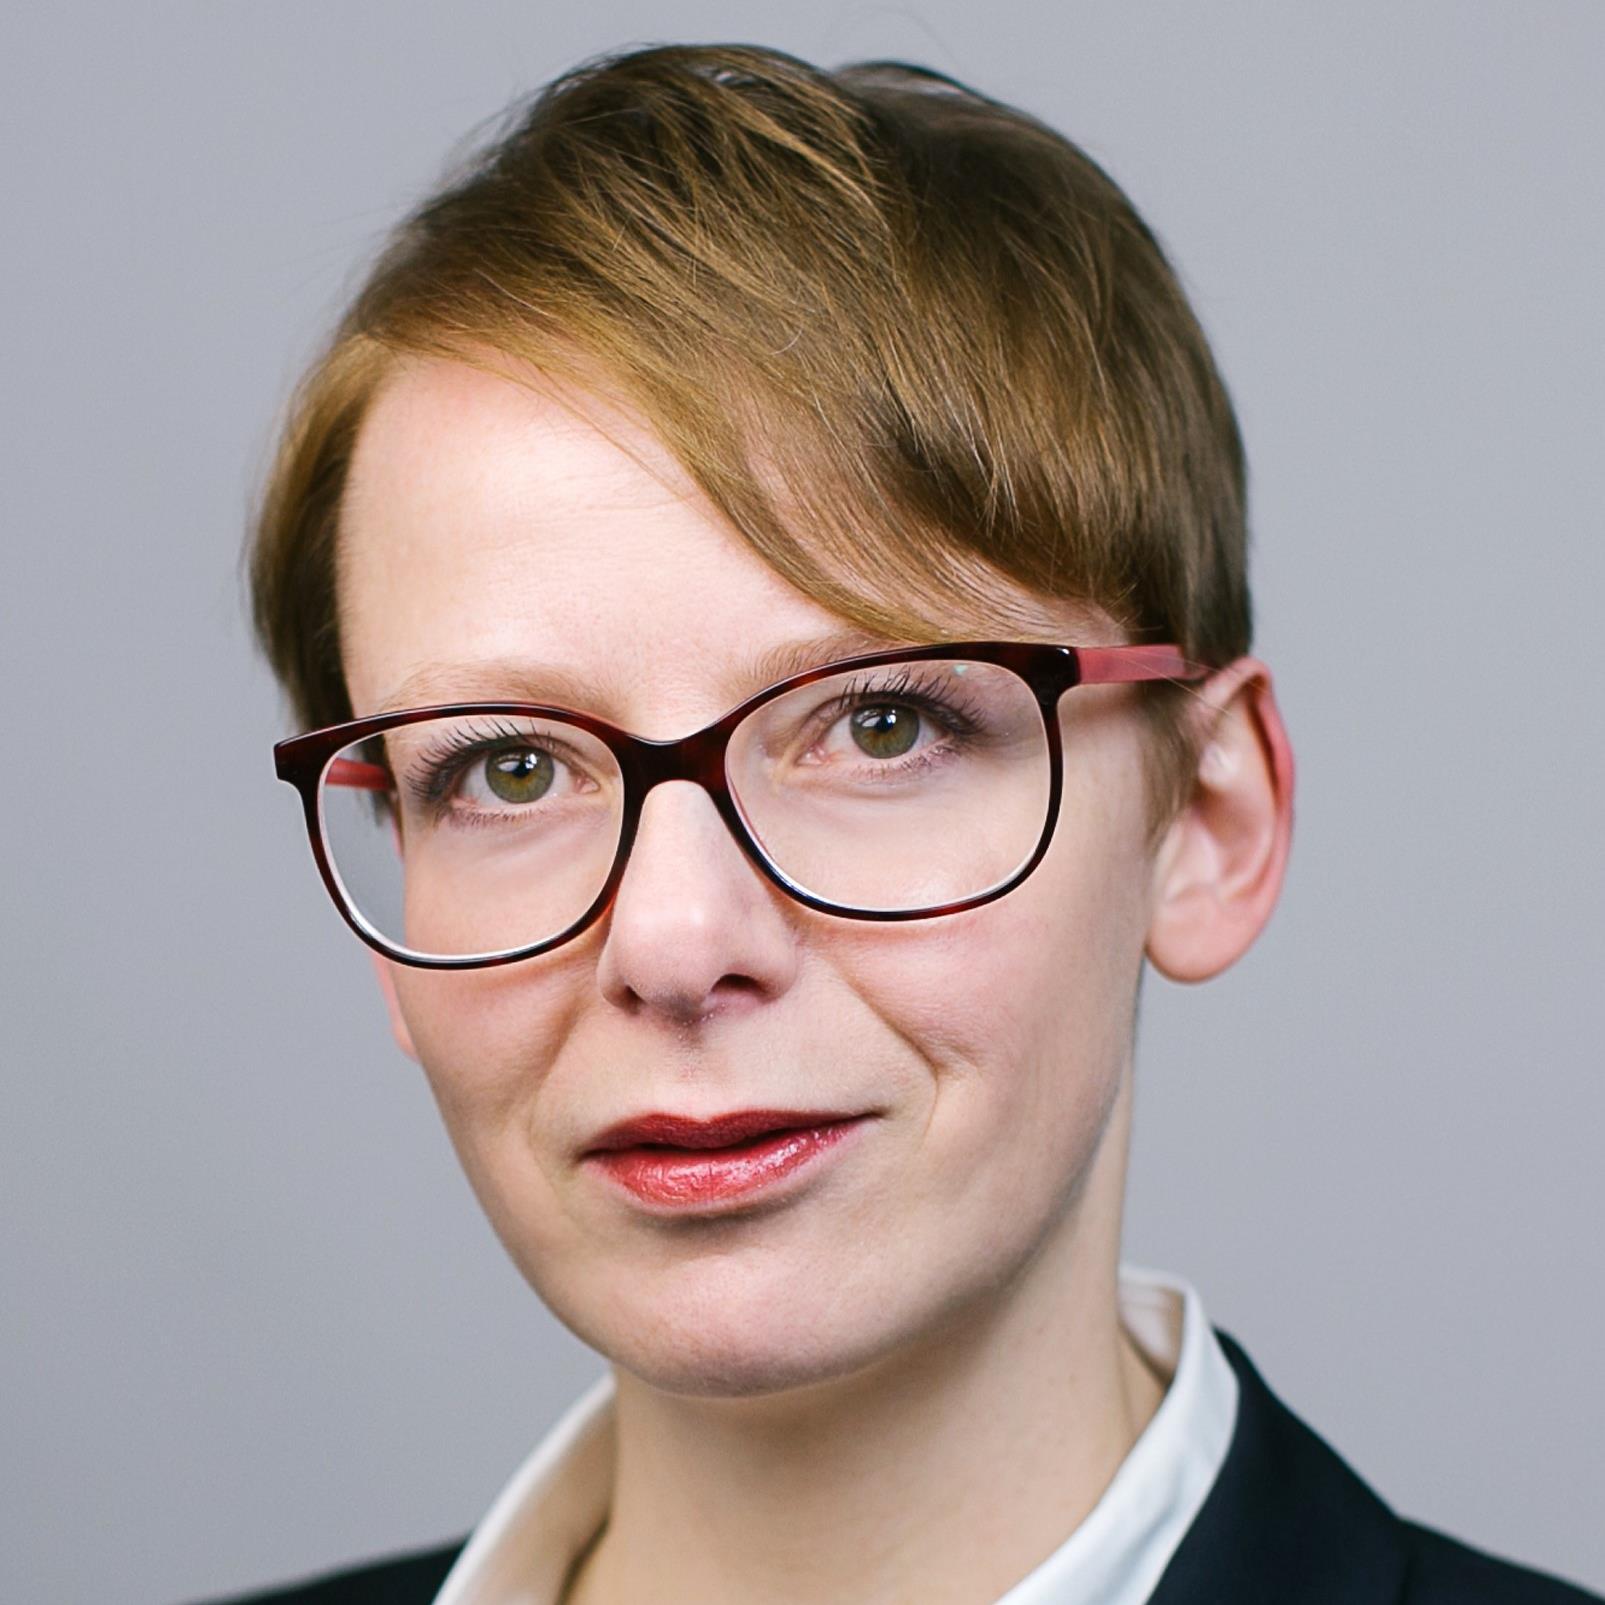 Friederike Schäfer - IPBC Europe 2019.jpg